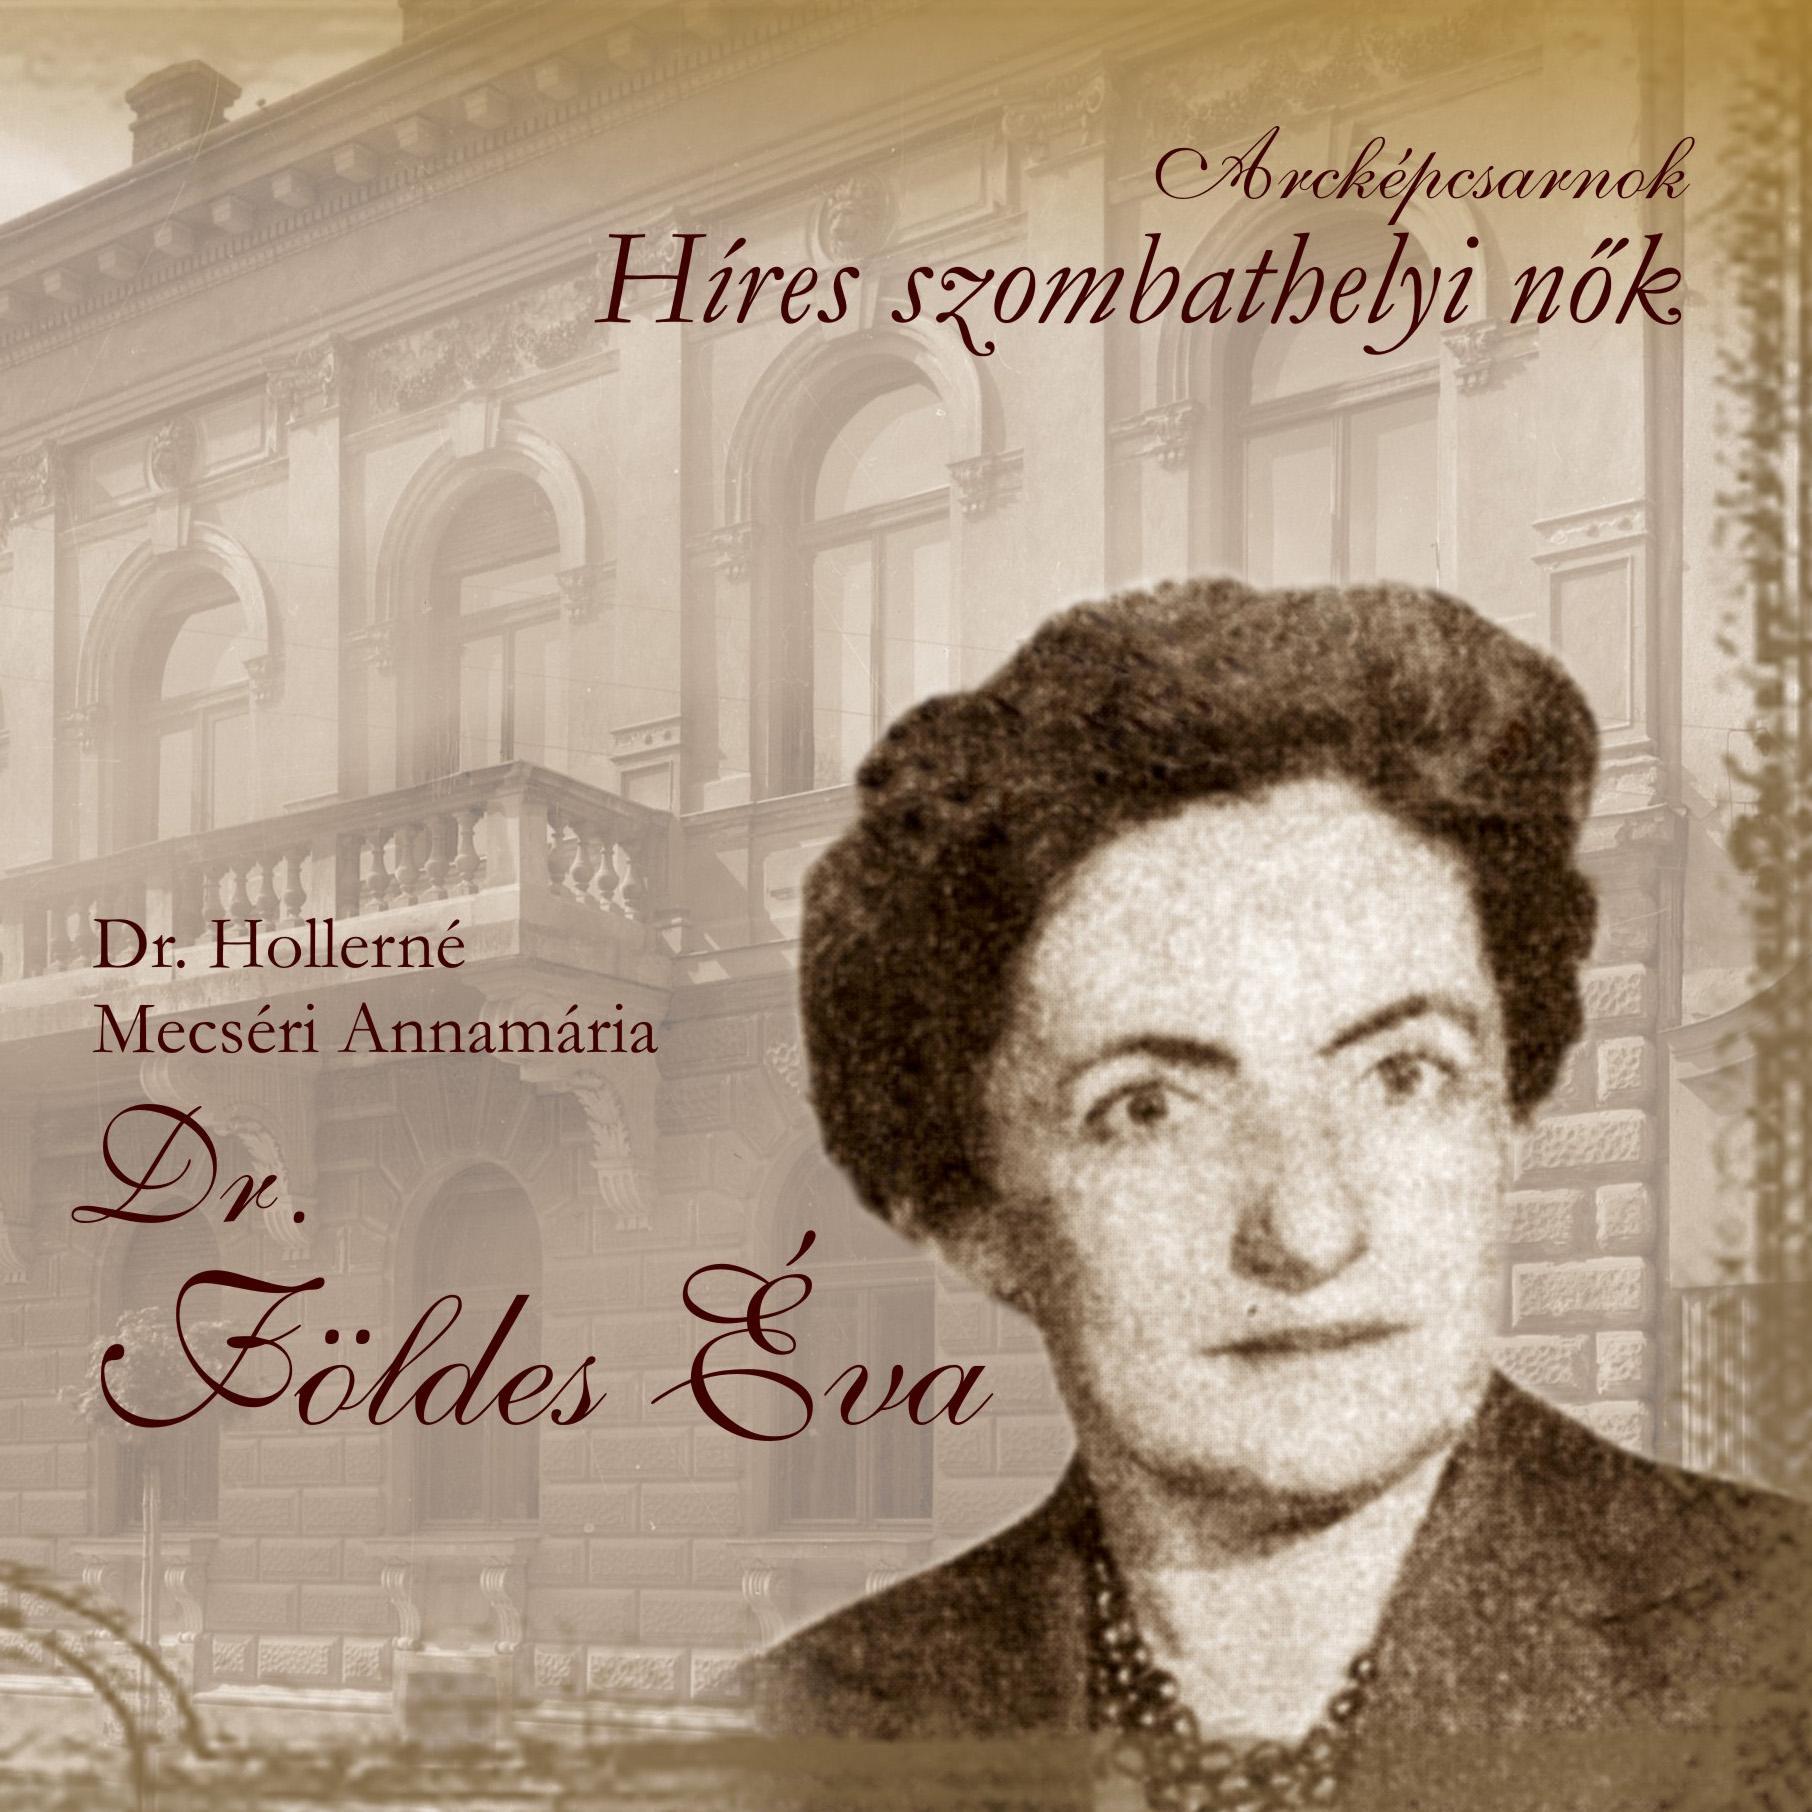 Hírek szombathelyi nők - dr. Földes Éva